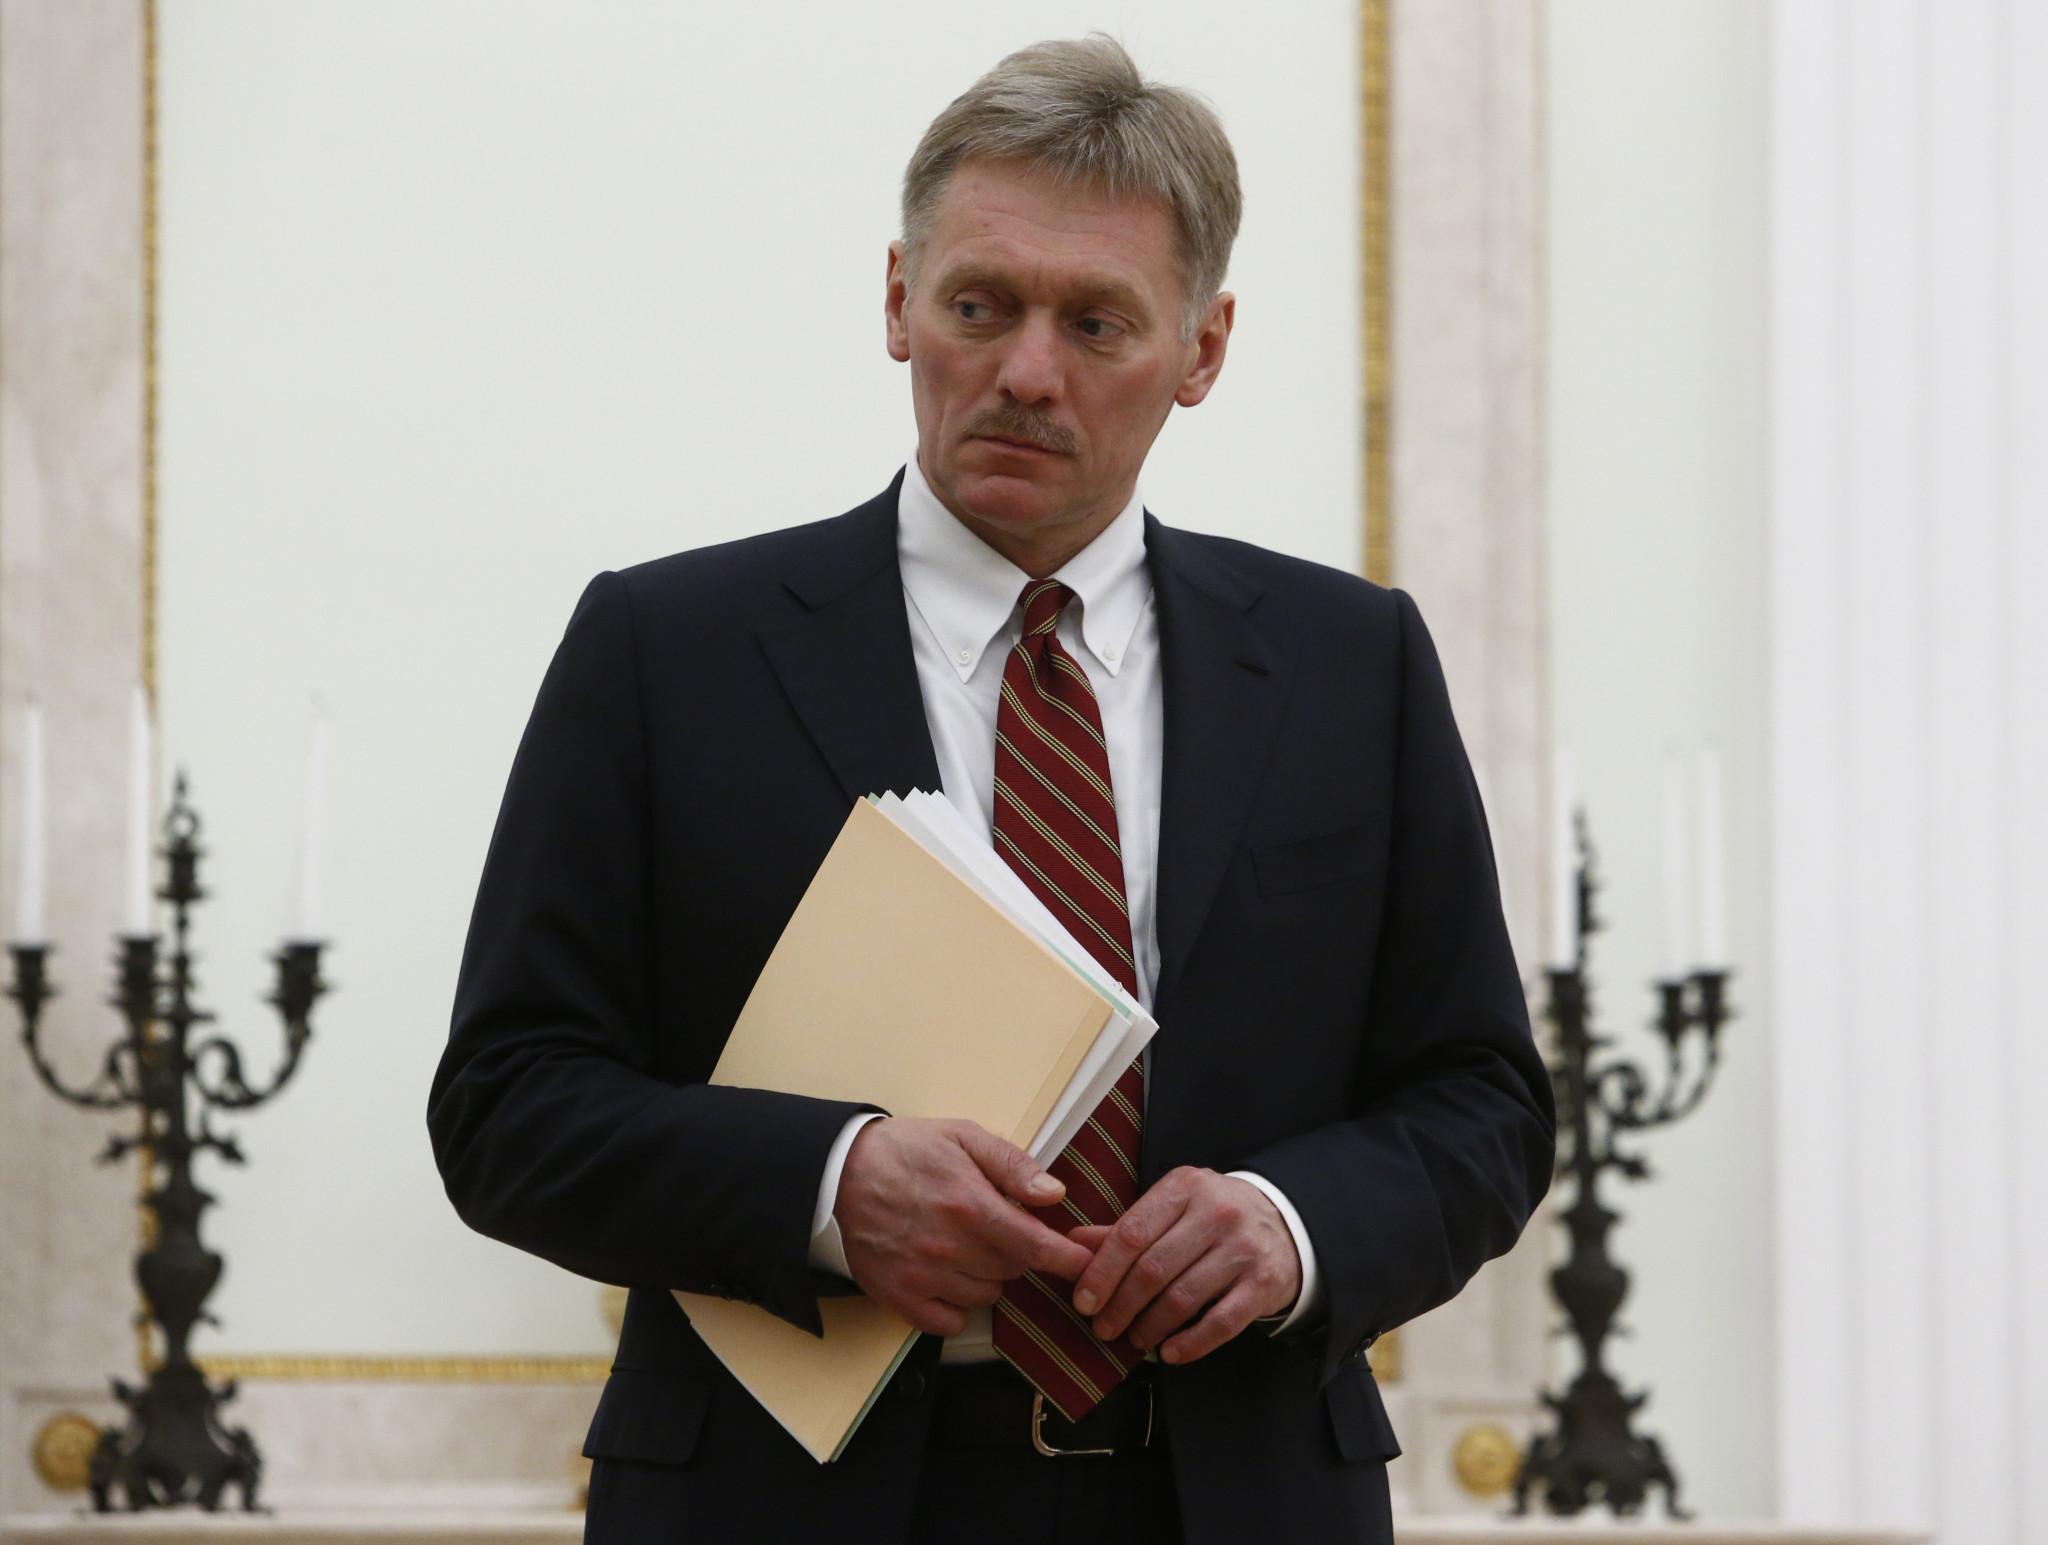 Kremlin spokesperson Dmitry Peskov said they are